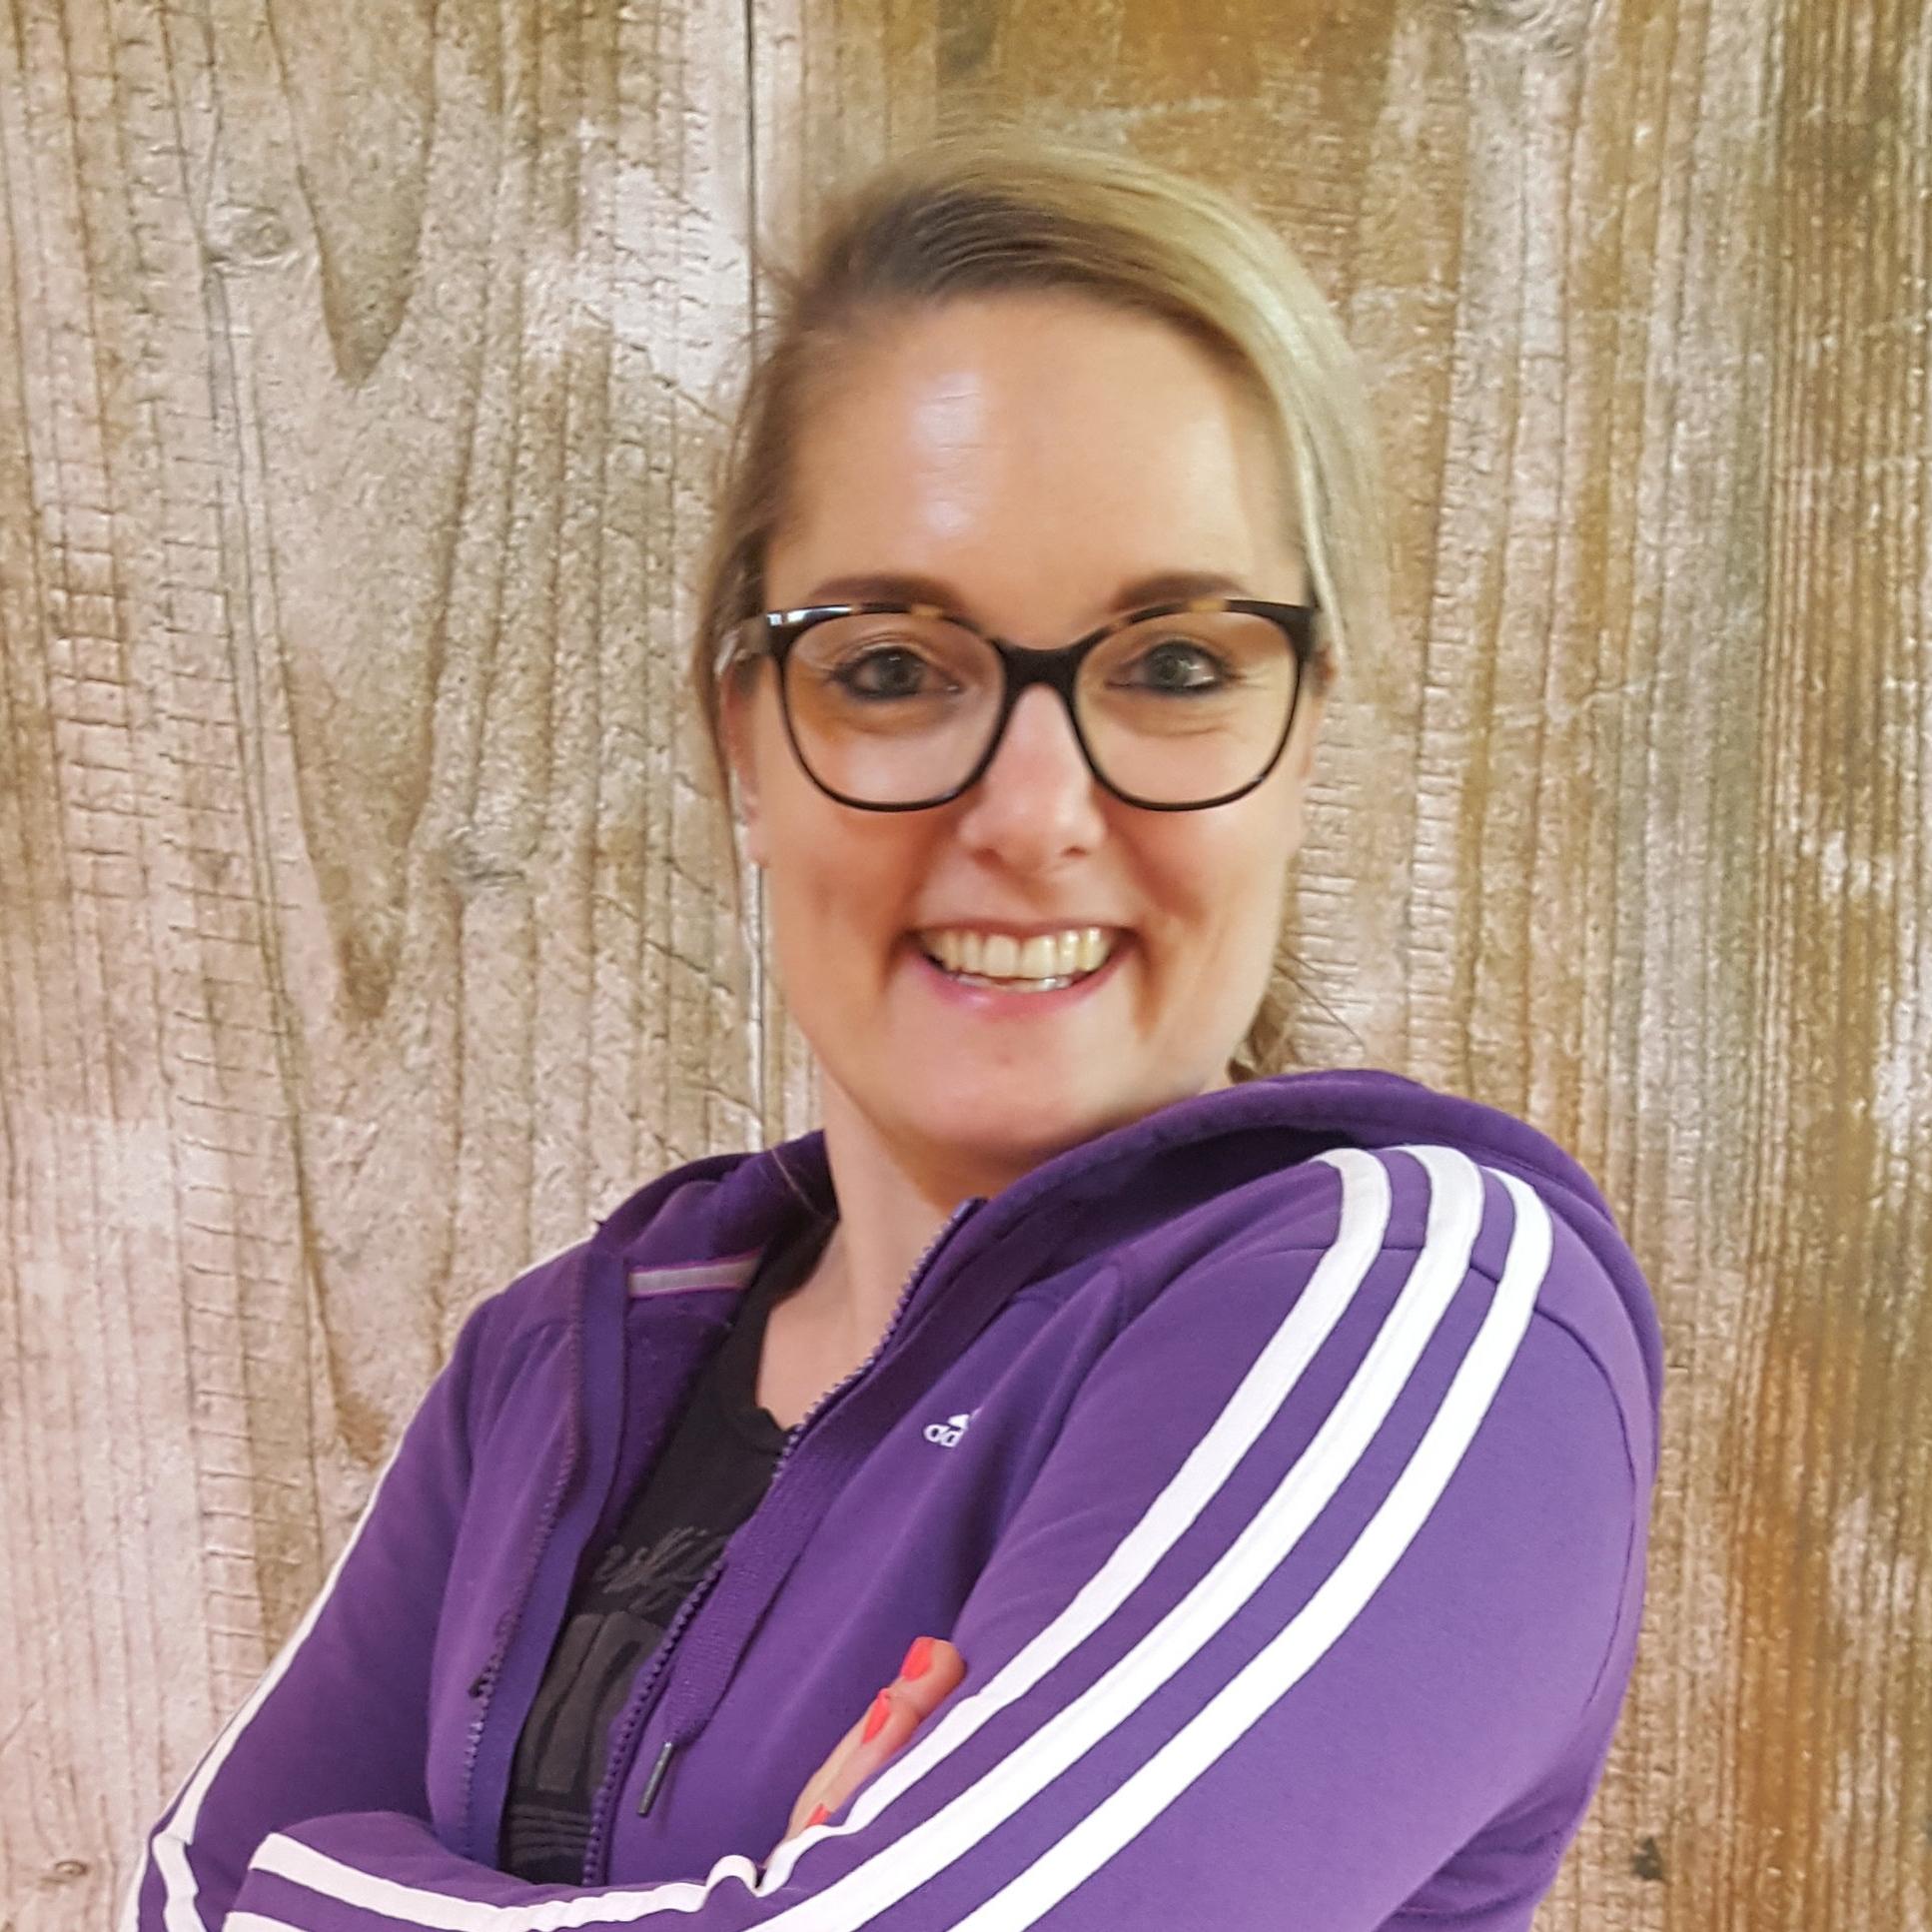 Sanna Levink    s_levink@hotmail.com     KBS Godfried Bomans  KBS Sint Gerardus  E.S.V. Enschedese Scholenvereniging    Schoolvaardigheidcommissie  Tafeltenniscommissie  Activiteitencommissie